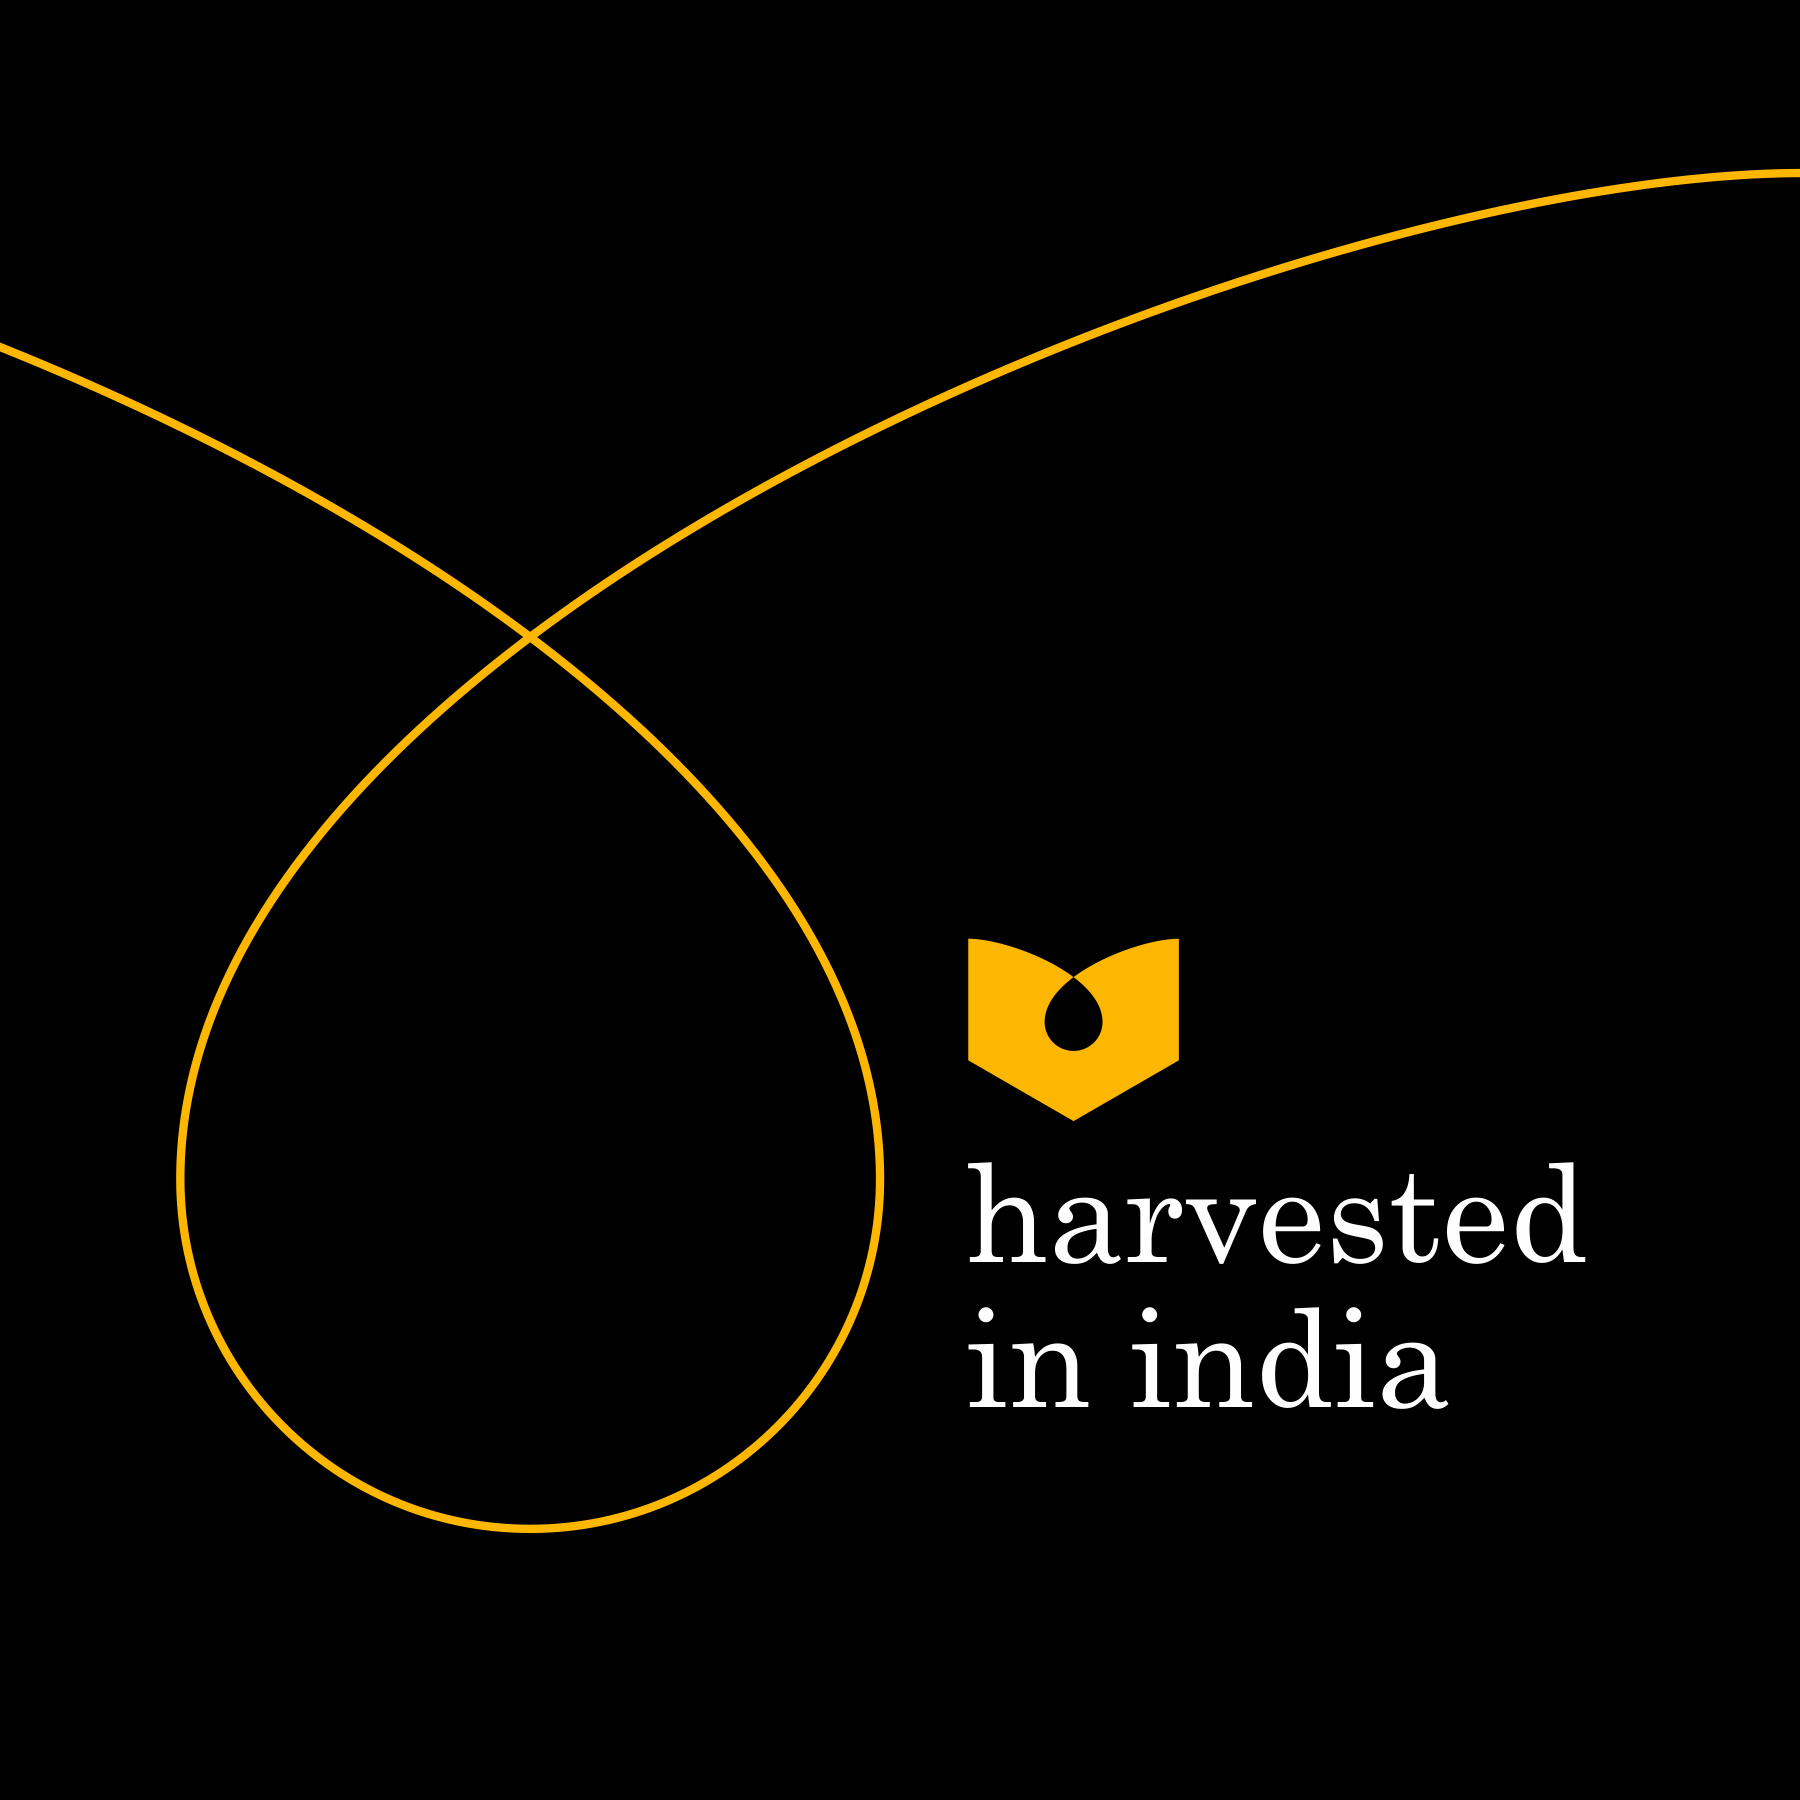 3 dhaval modi meraki honey packaging designer ahmedabad.png